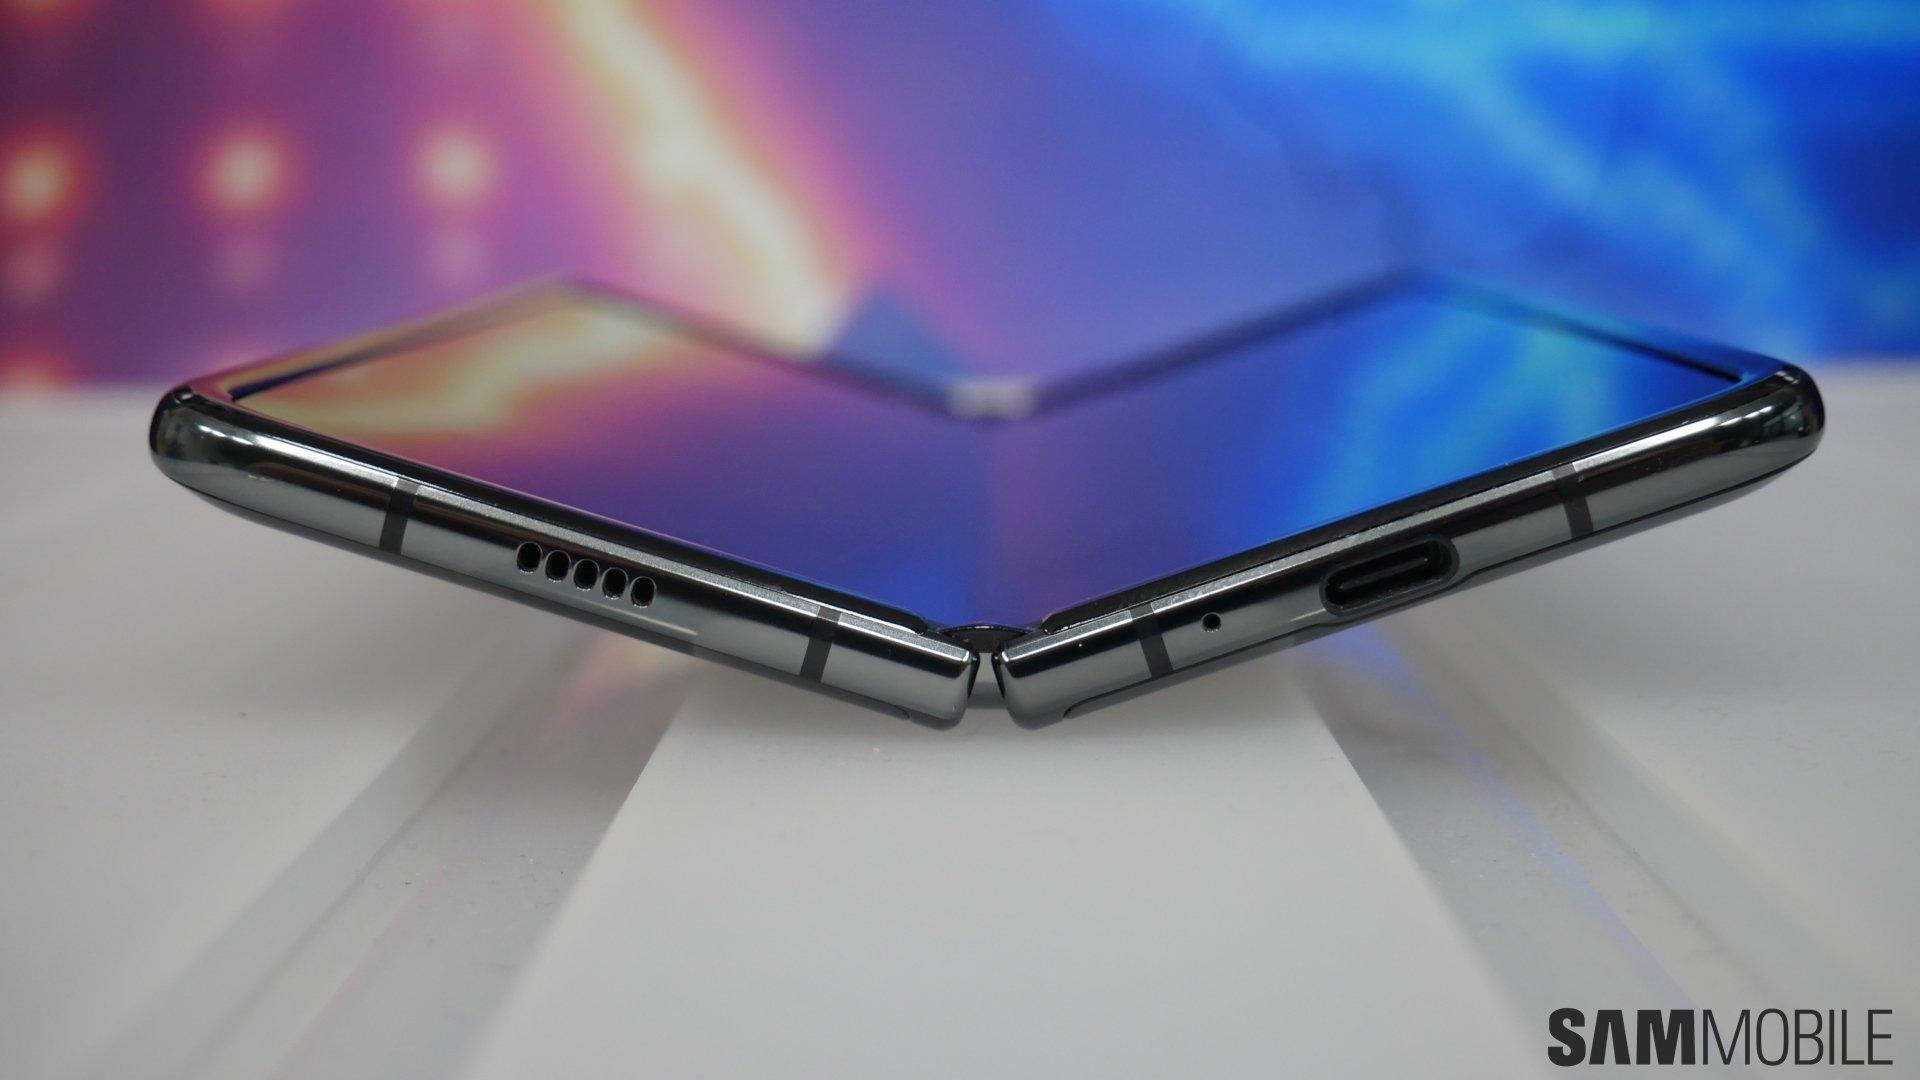 Samsung Galaxy Z Fold 2 Funkykit